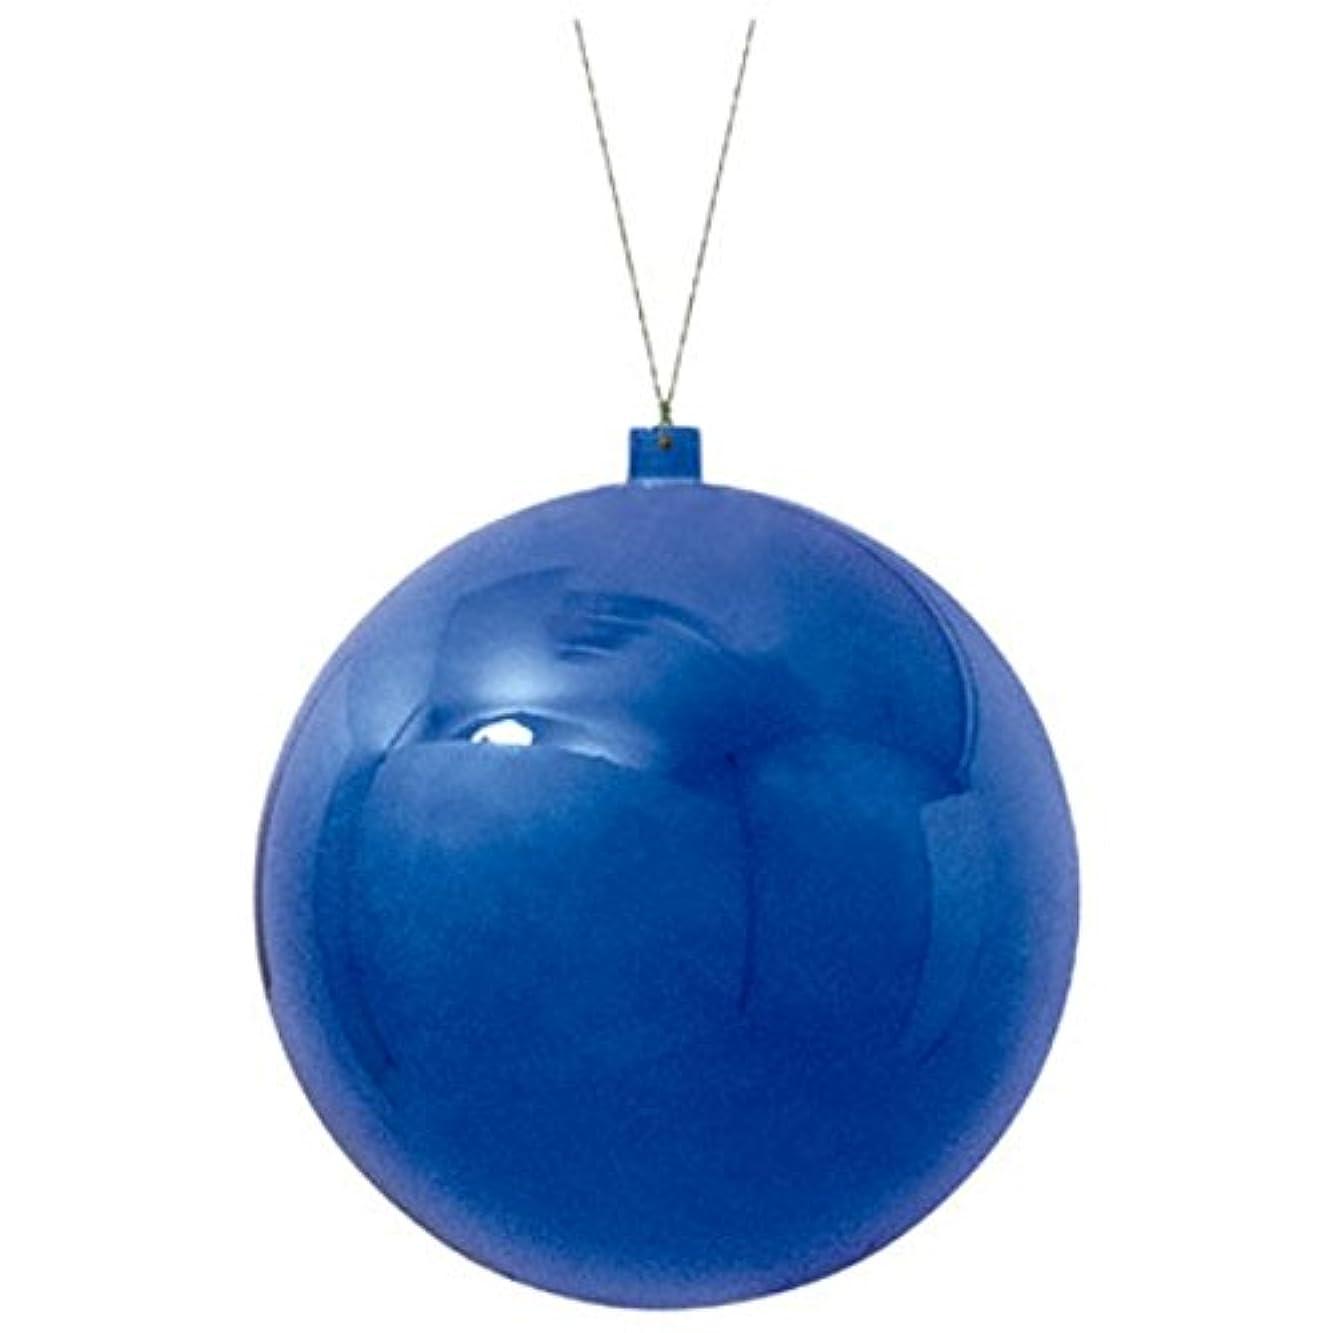 パス梨滑る200mmメタリックユニボール(ワイヤー付)(1ケ/パック)(ブルー)(OXM1030BL)[クリスマス デコレーション 飾り オーナメント メタリックユニボール ボール 球 メタリックボール 玉 200mm 20cm]